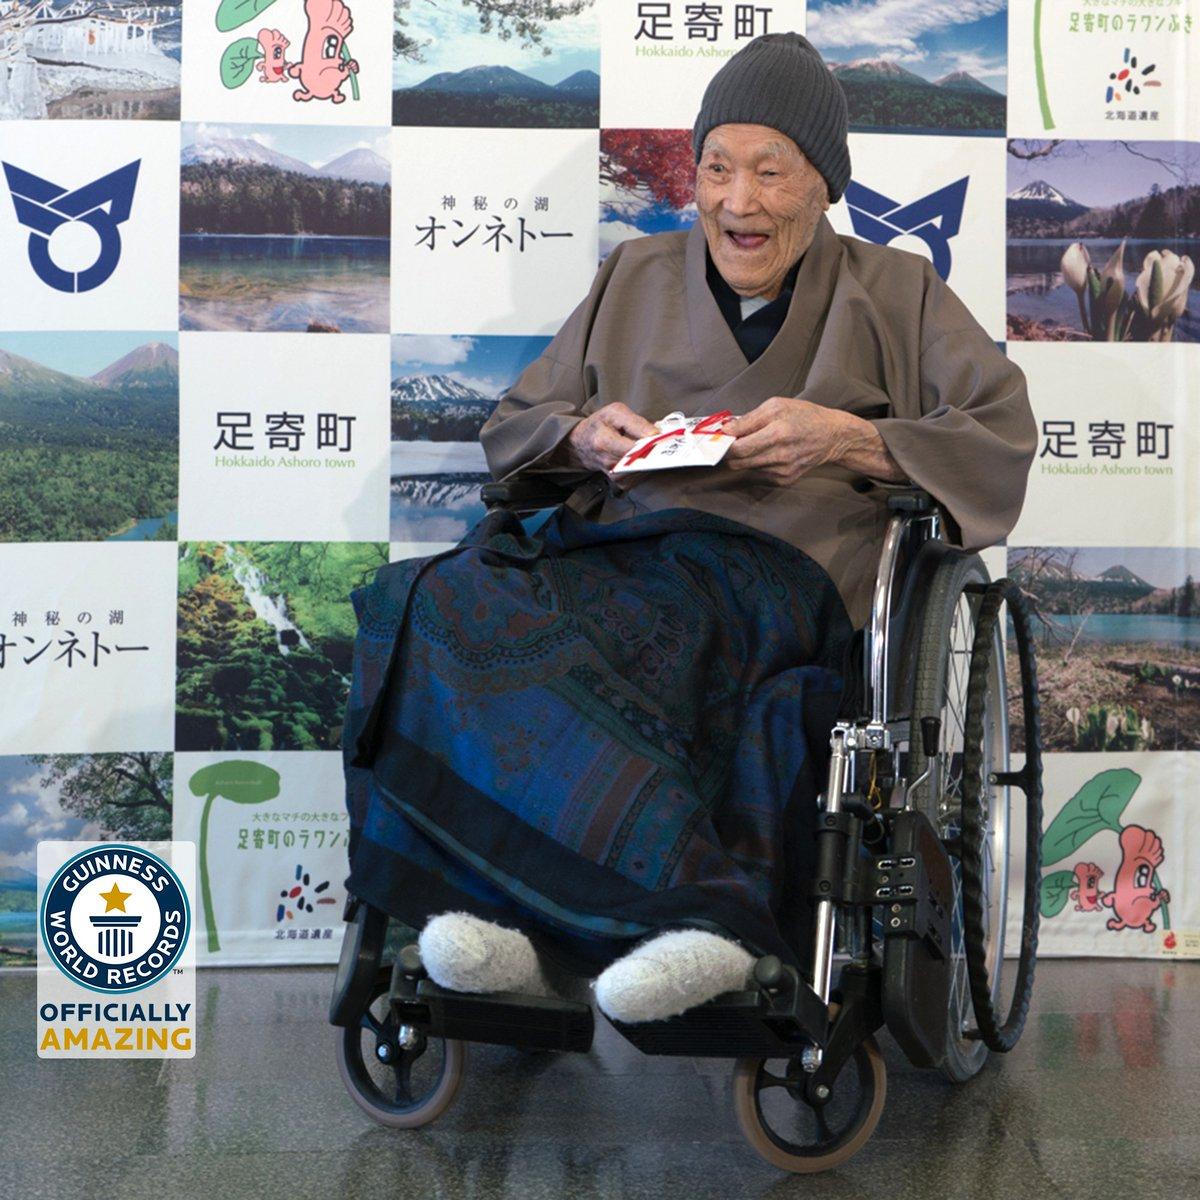 Guinness công bố người đàn ông nhiều tuổi nhất thế giới - 1